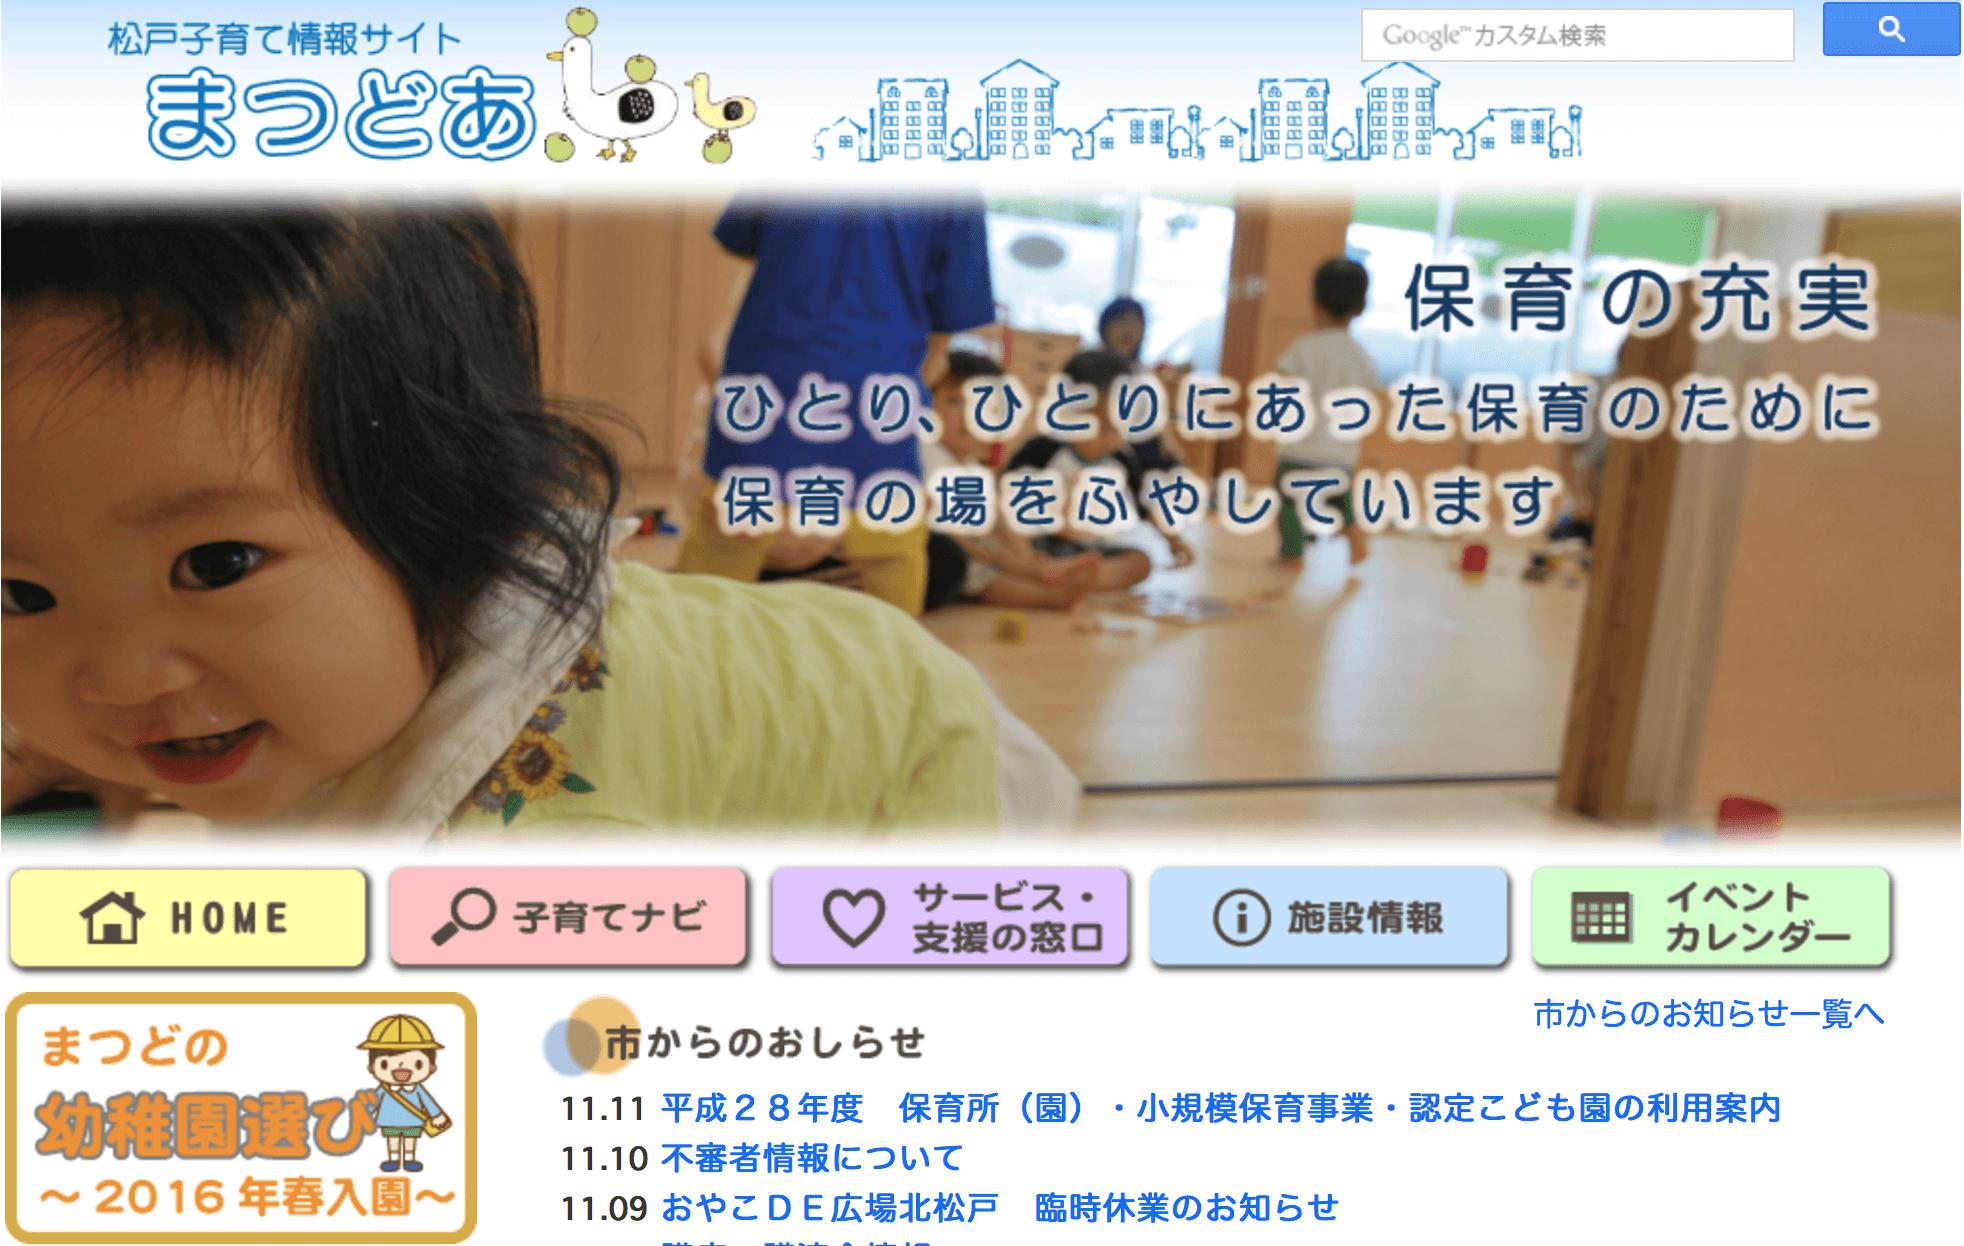 松戸子育て支援情報サイト「まつどあ」は、市内で子育て中のお母さん達が作成した、子育て情報専門のウェブサイトです。 松戸市の委託を受けて、NPO法人松戸子育てさぽーとハーモニーが運営しています。